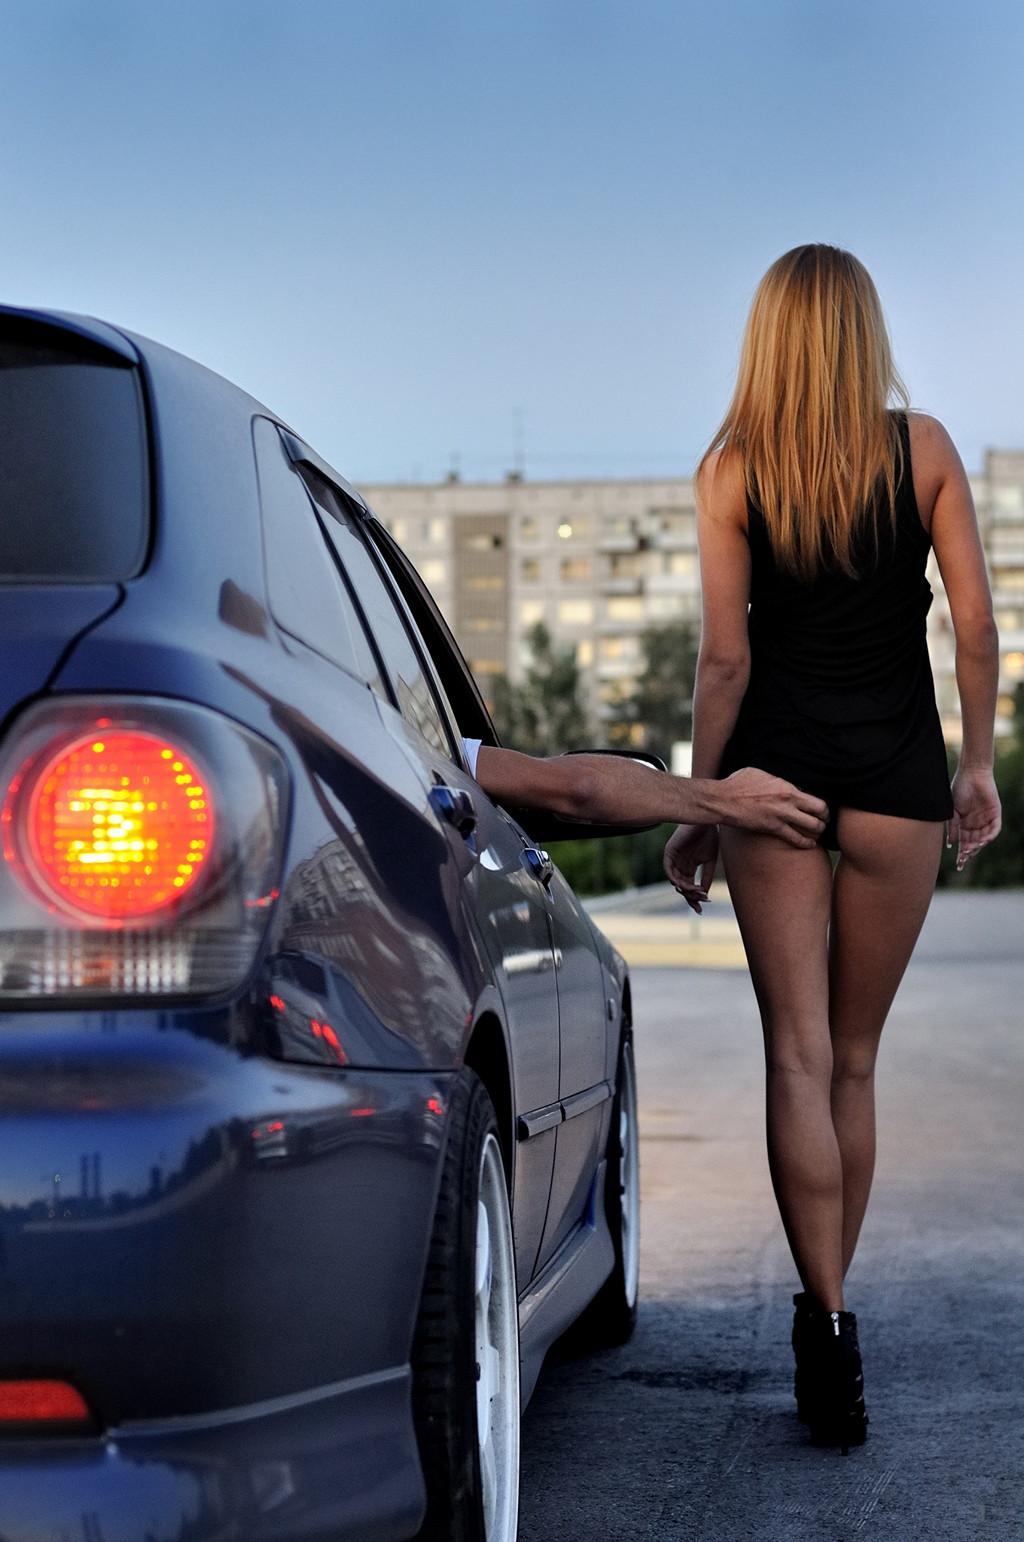 kobieta i auto, japońska motoryzacja, models, car, lexus is